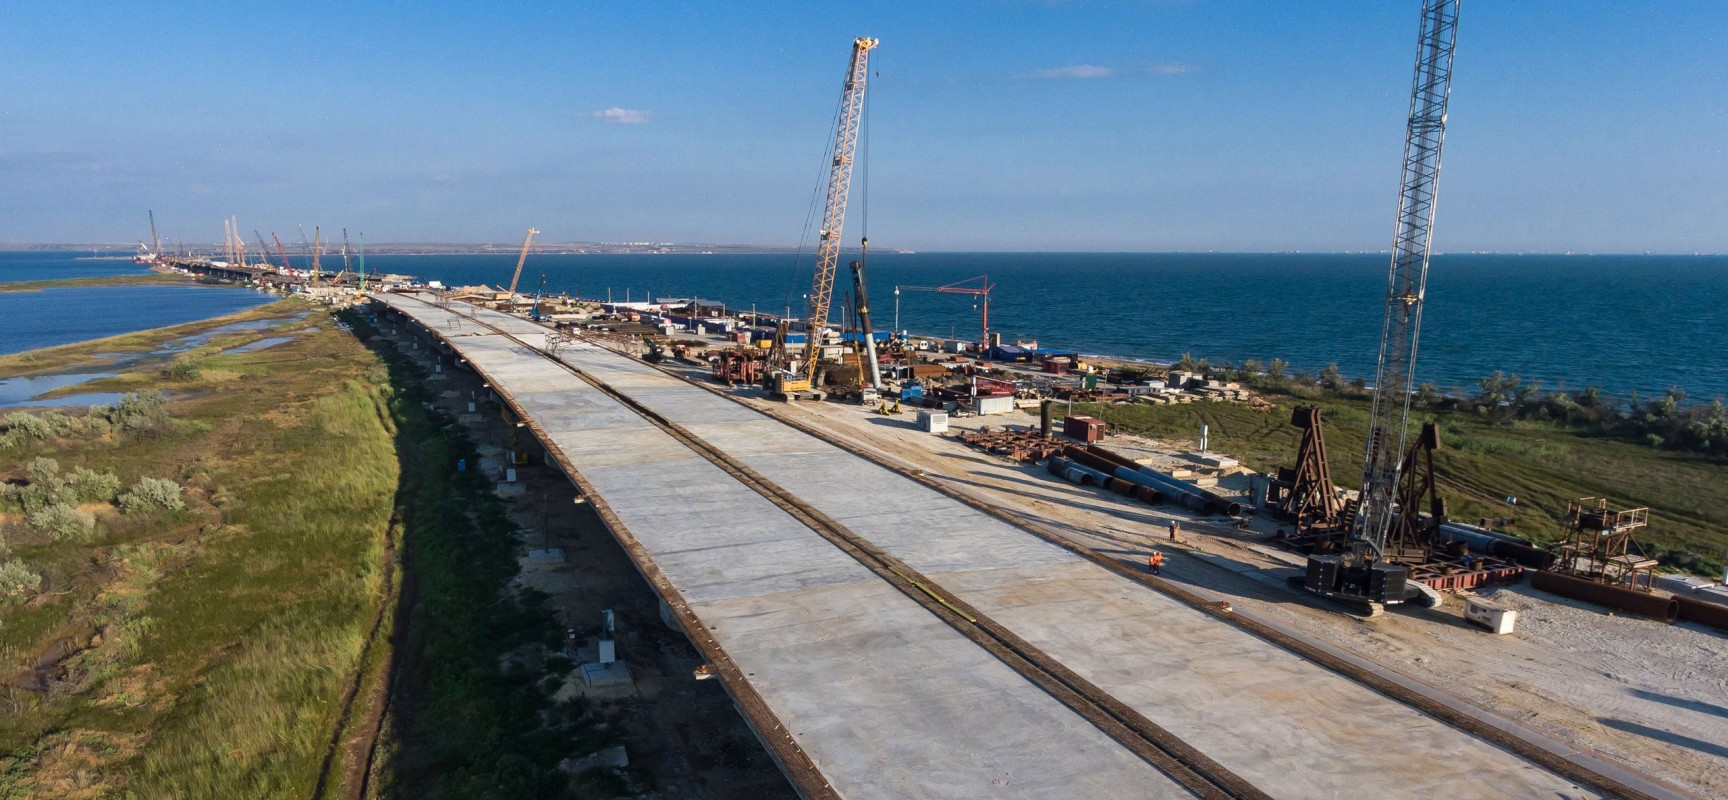 Готовность основных конструктивов автодорожной части Крымского моста достигает 70 %. Роман Новиков